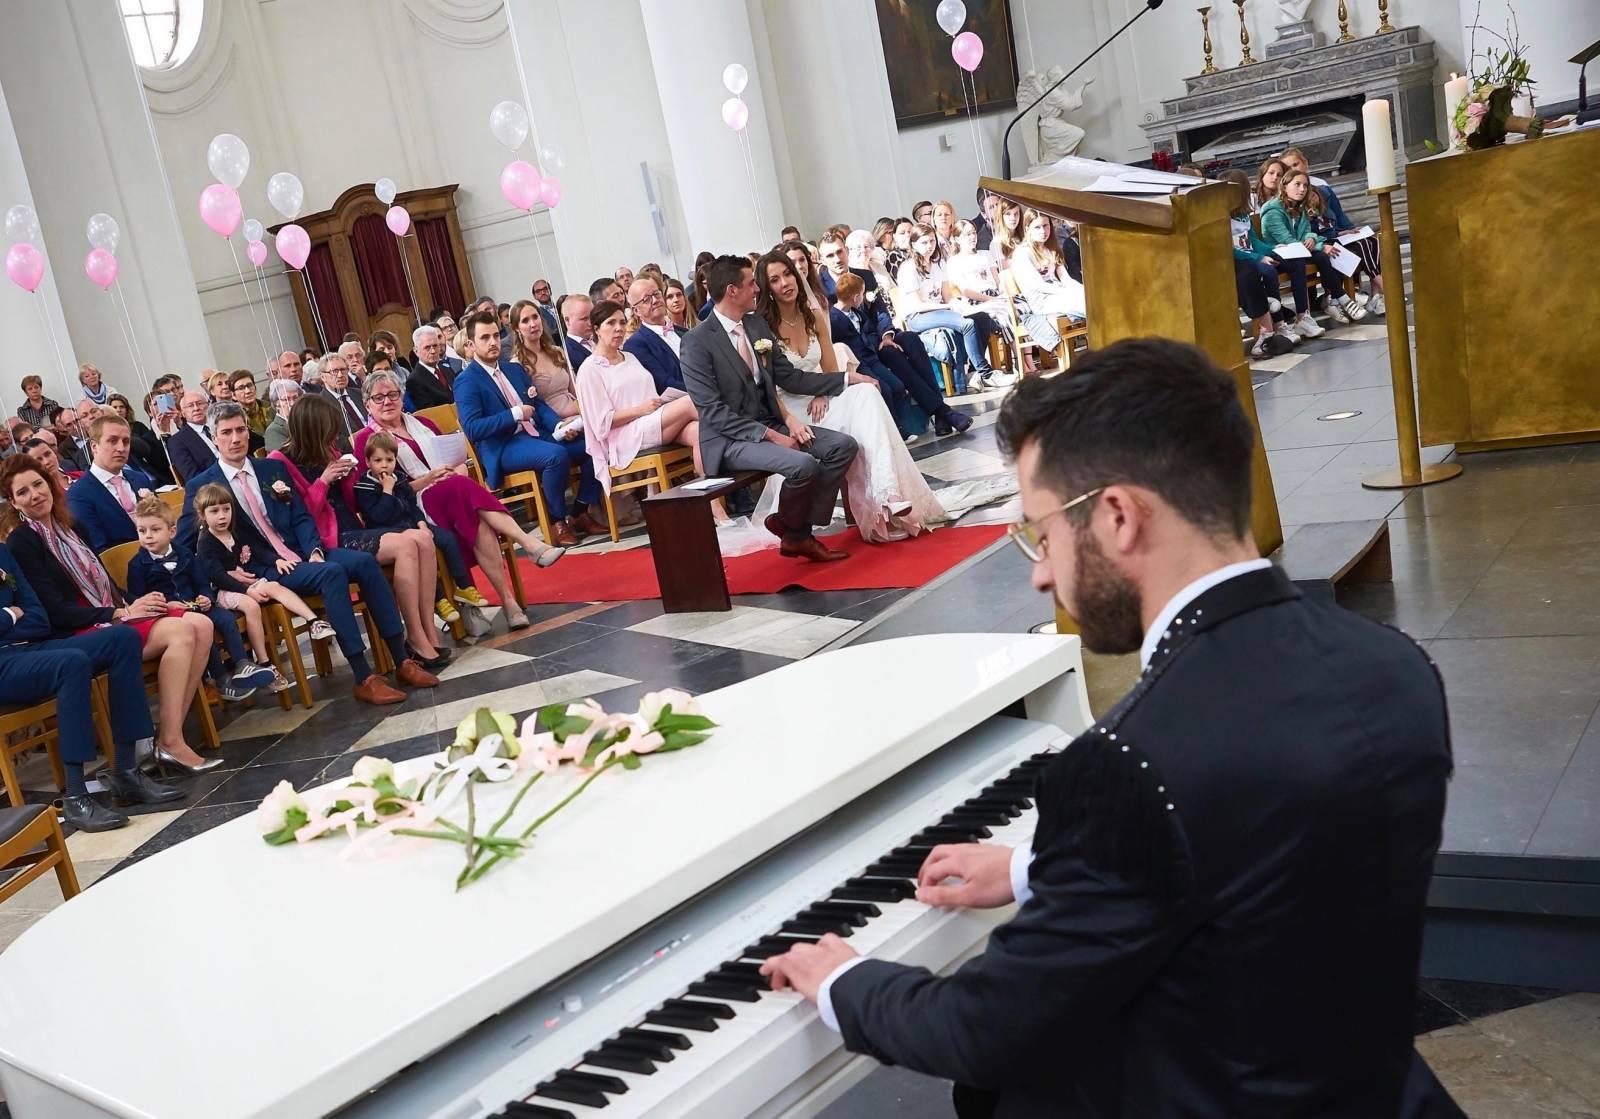 Daniel Verstappen - Muziek Huwelijk Trouw Bruiloft - Zanger - House of Weddings - 13